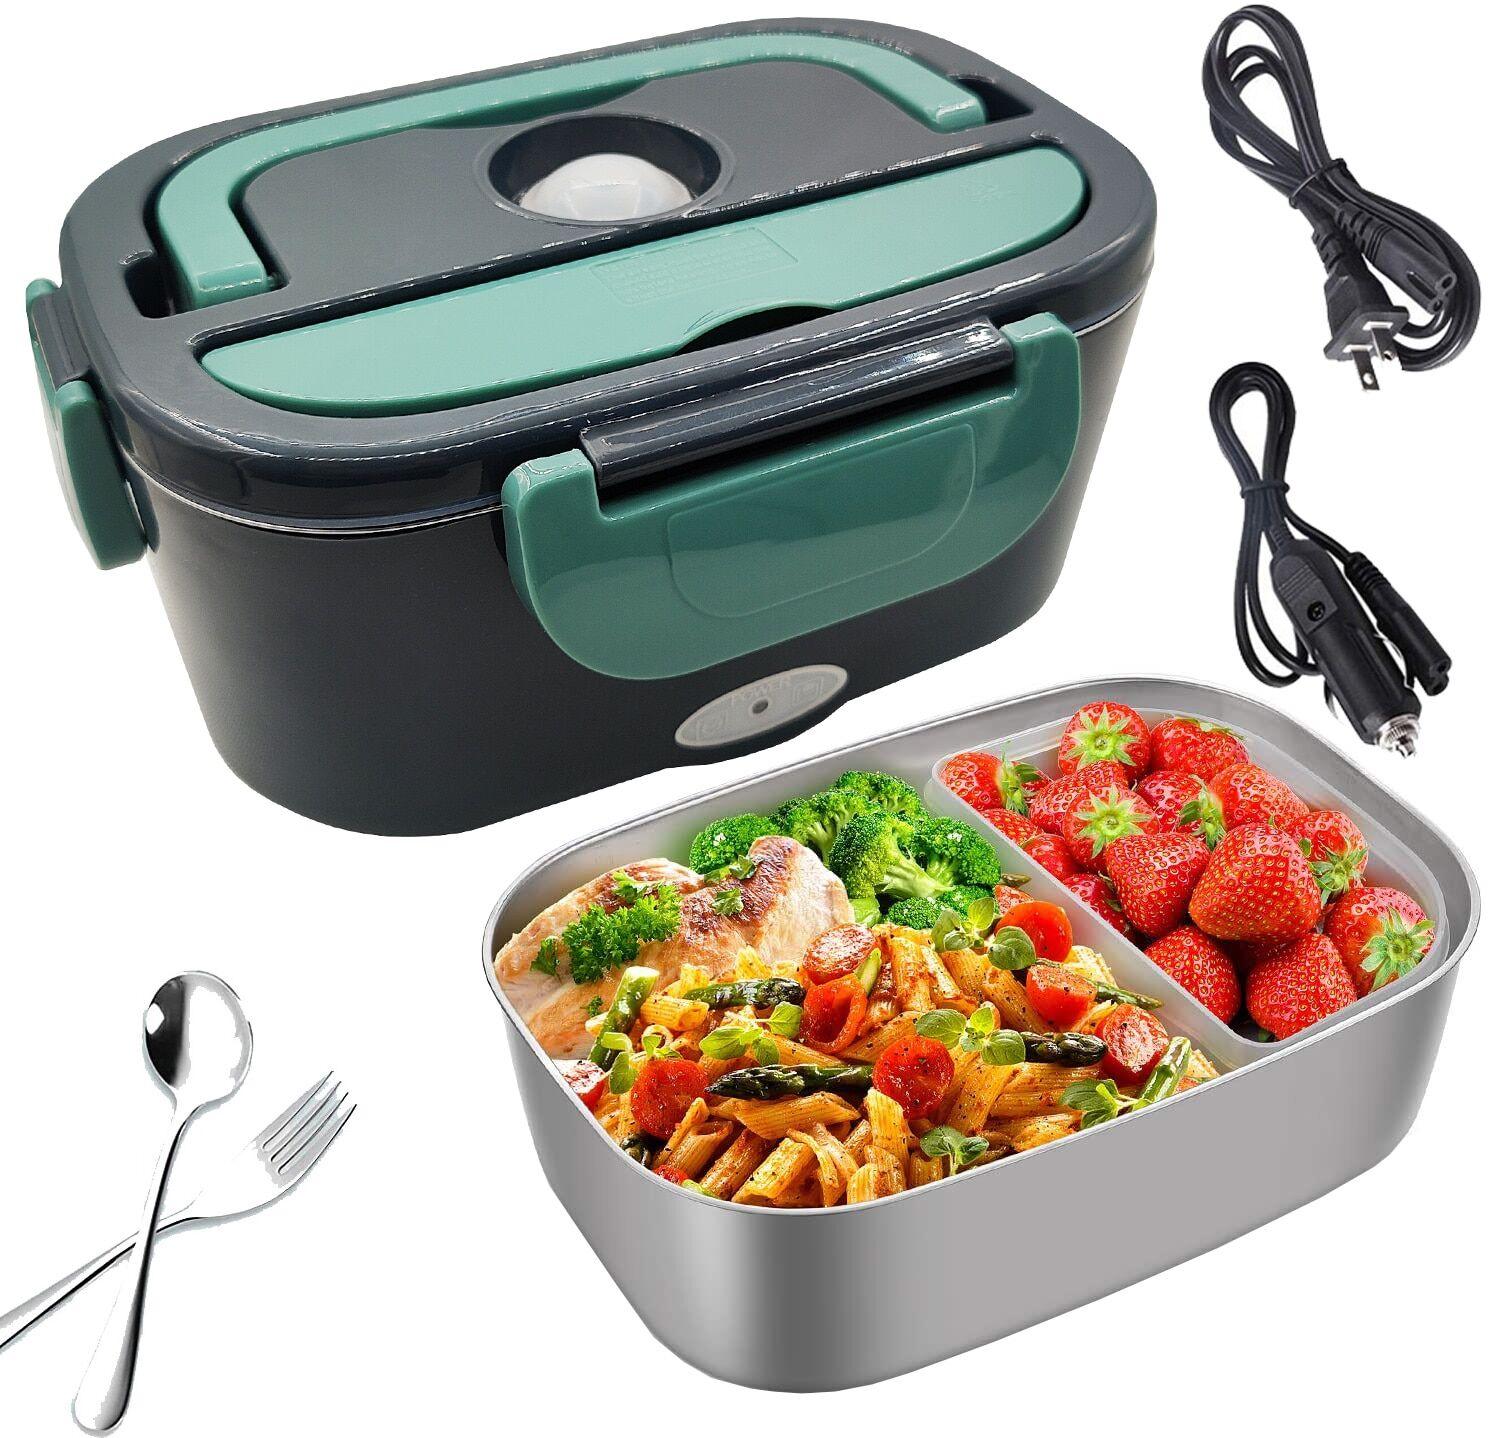 AliExpress Boîte à déjeuner chauffante électrique 2 en 1, boîte à Bento en acier inoxydable 110V 220V 12V 24V